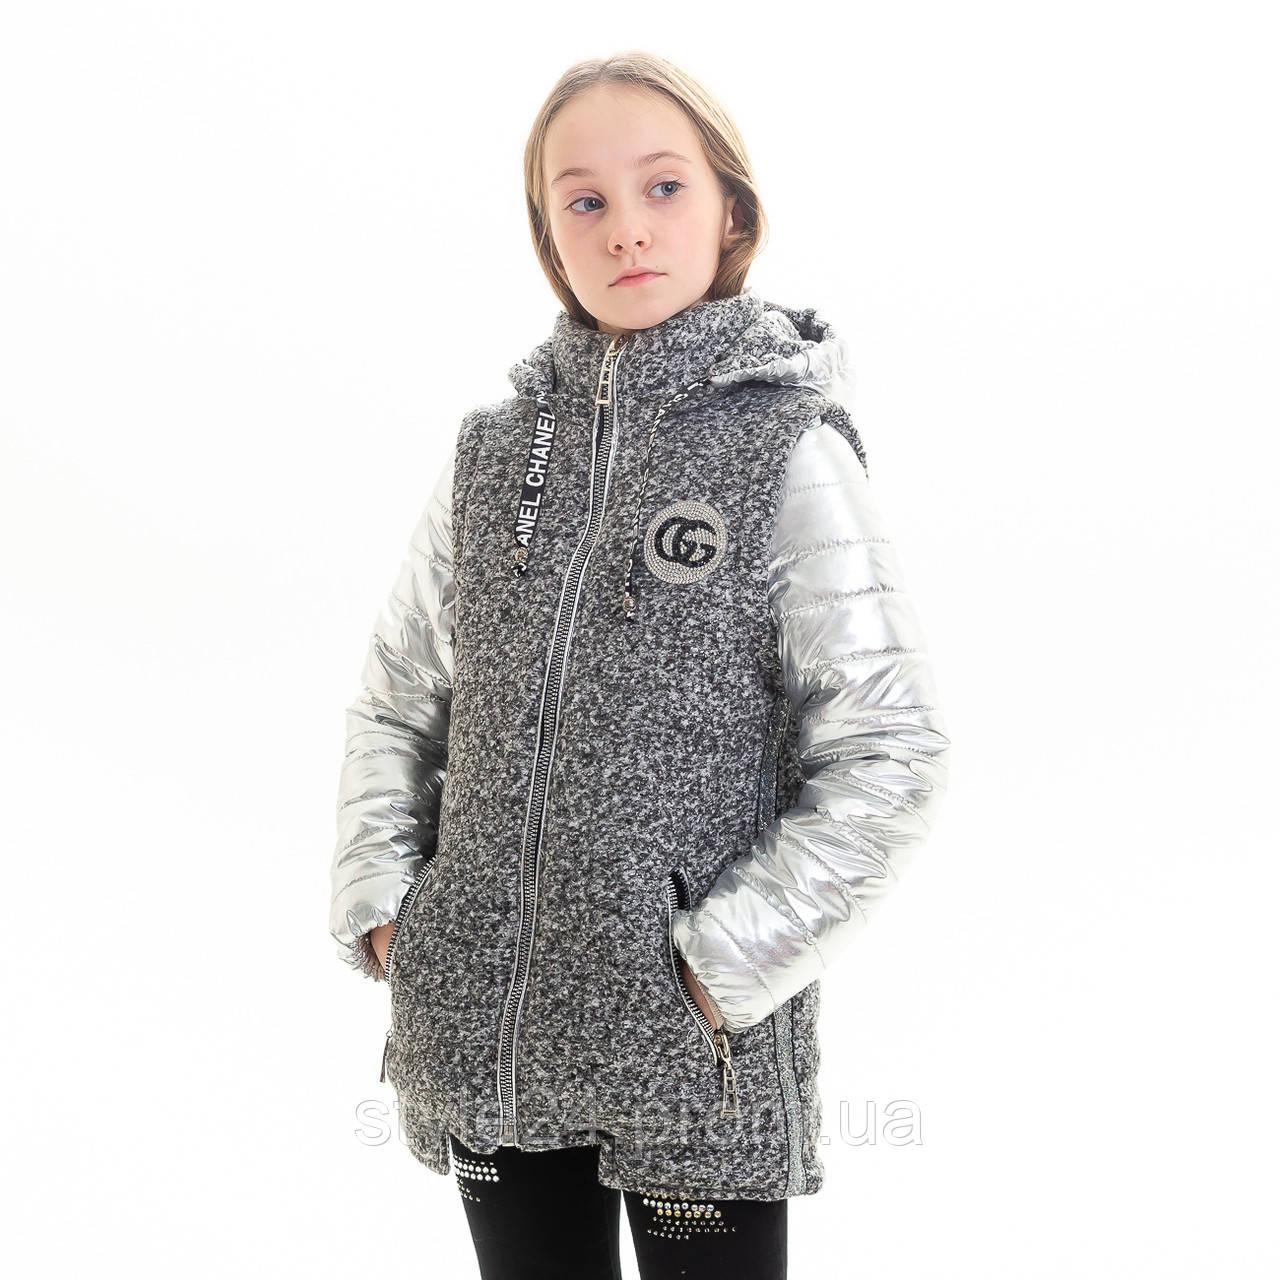 Весняна срібна куртка-жилетка на дівчинку ростом 128-146  продажа ... 07afd3fcb39db